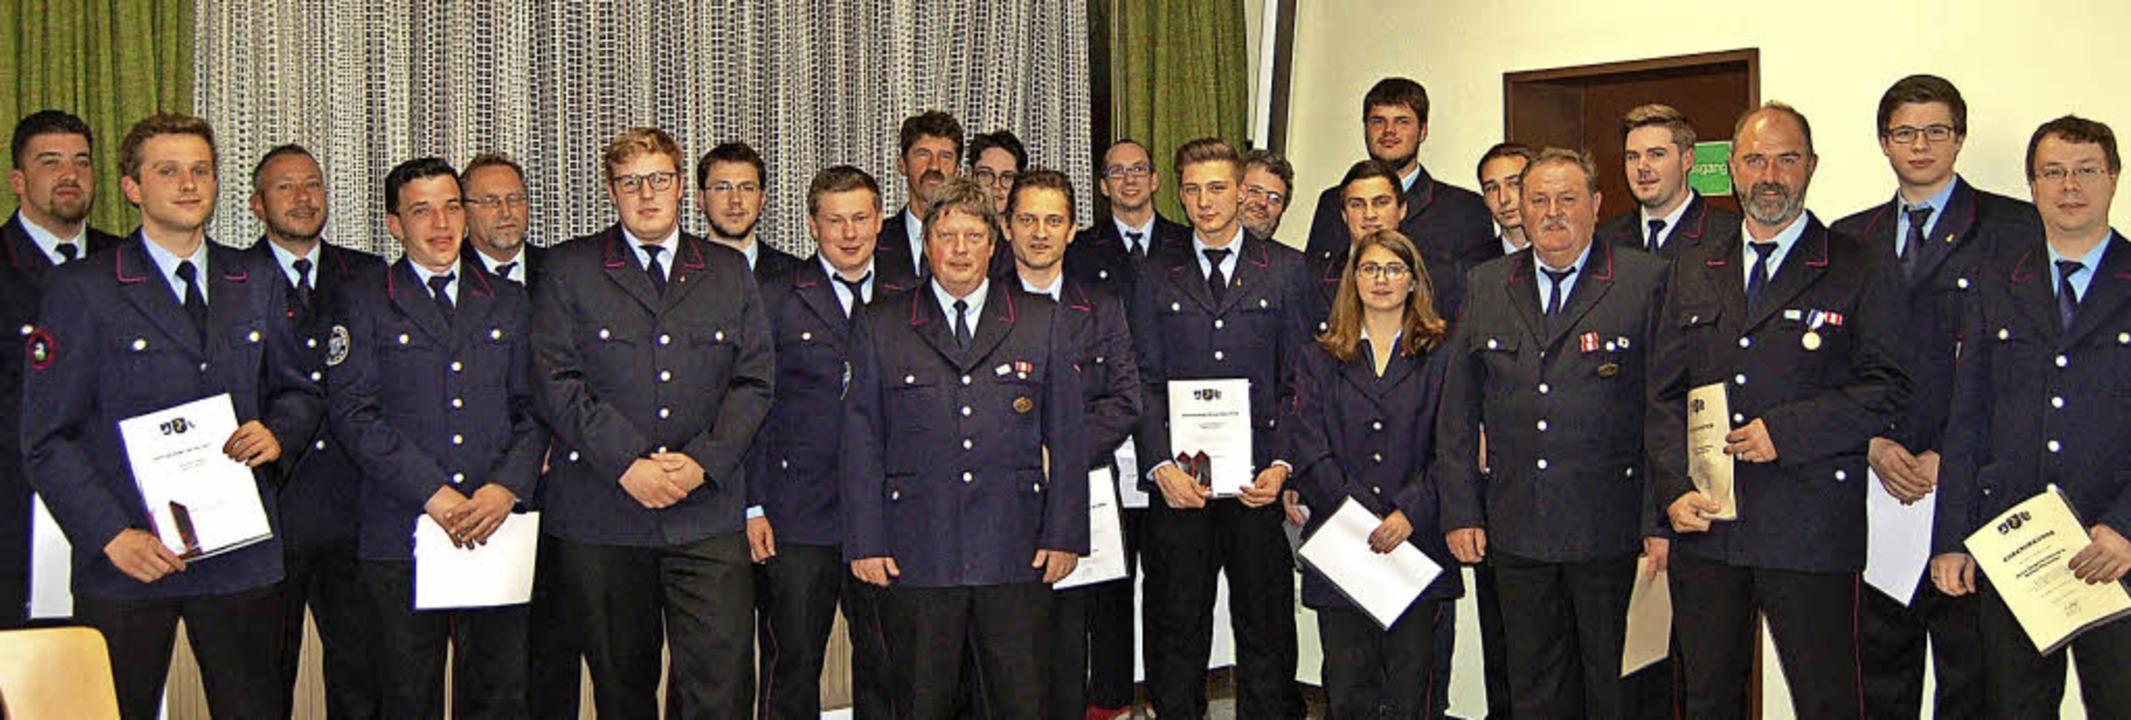 Die Geehrten und Beförderten der Feuerwehr St. Blasien  | Foto: Claudia Renk